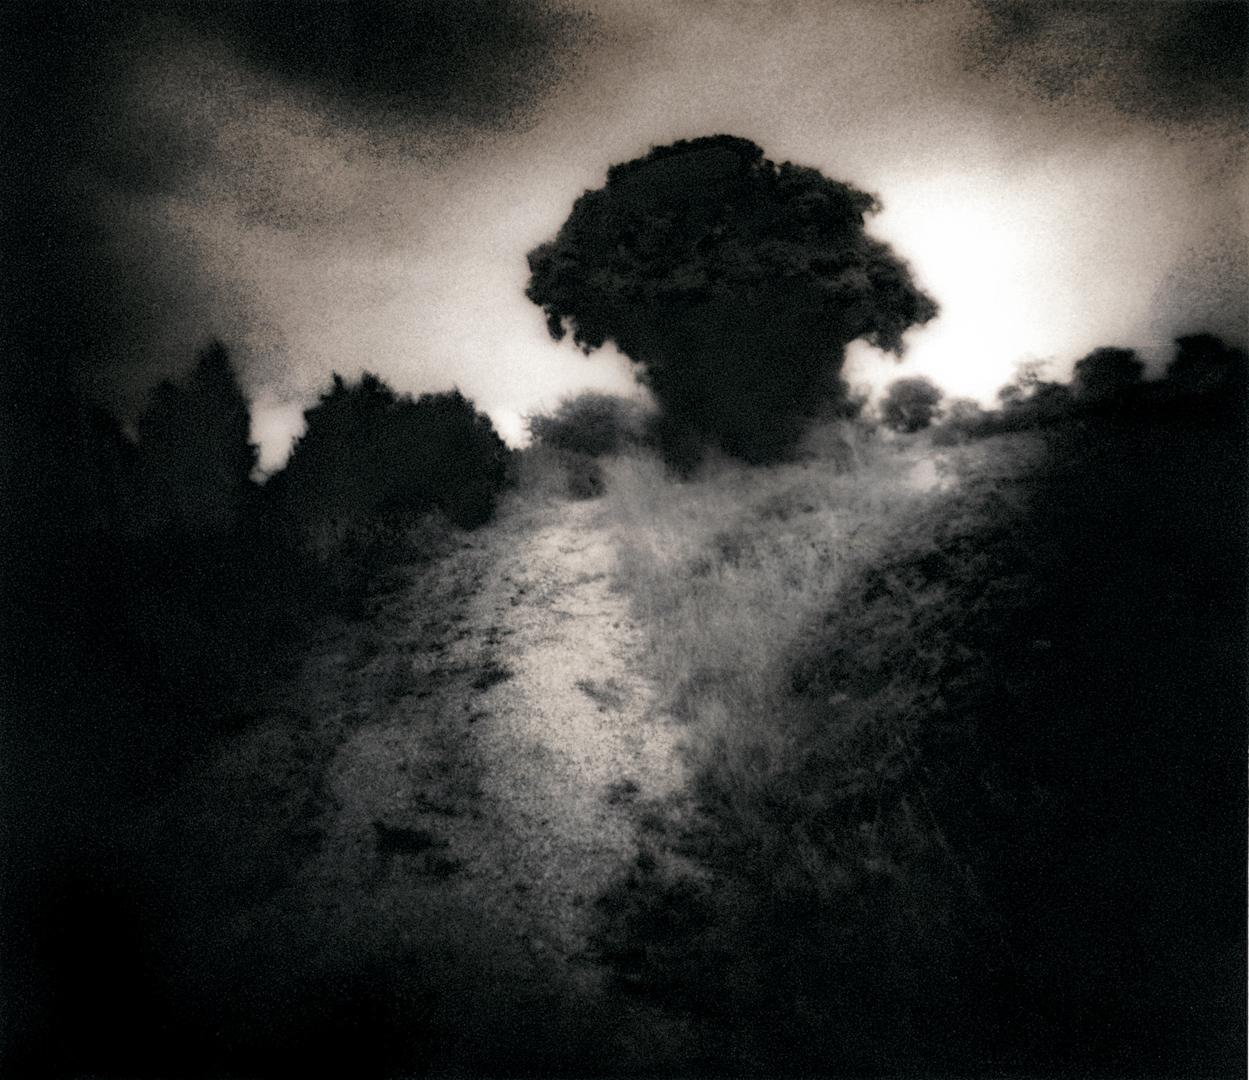 051_into_the_mist-1-1-3.jpg